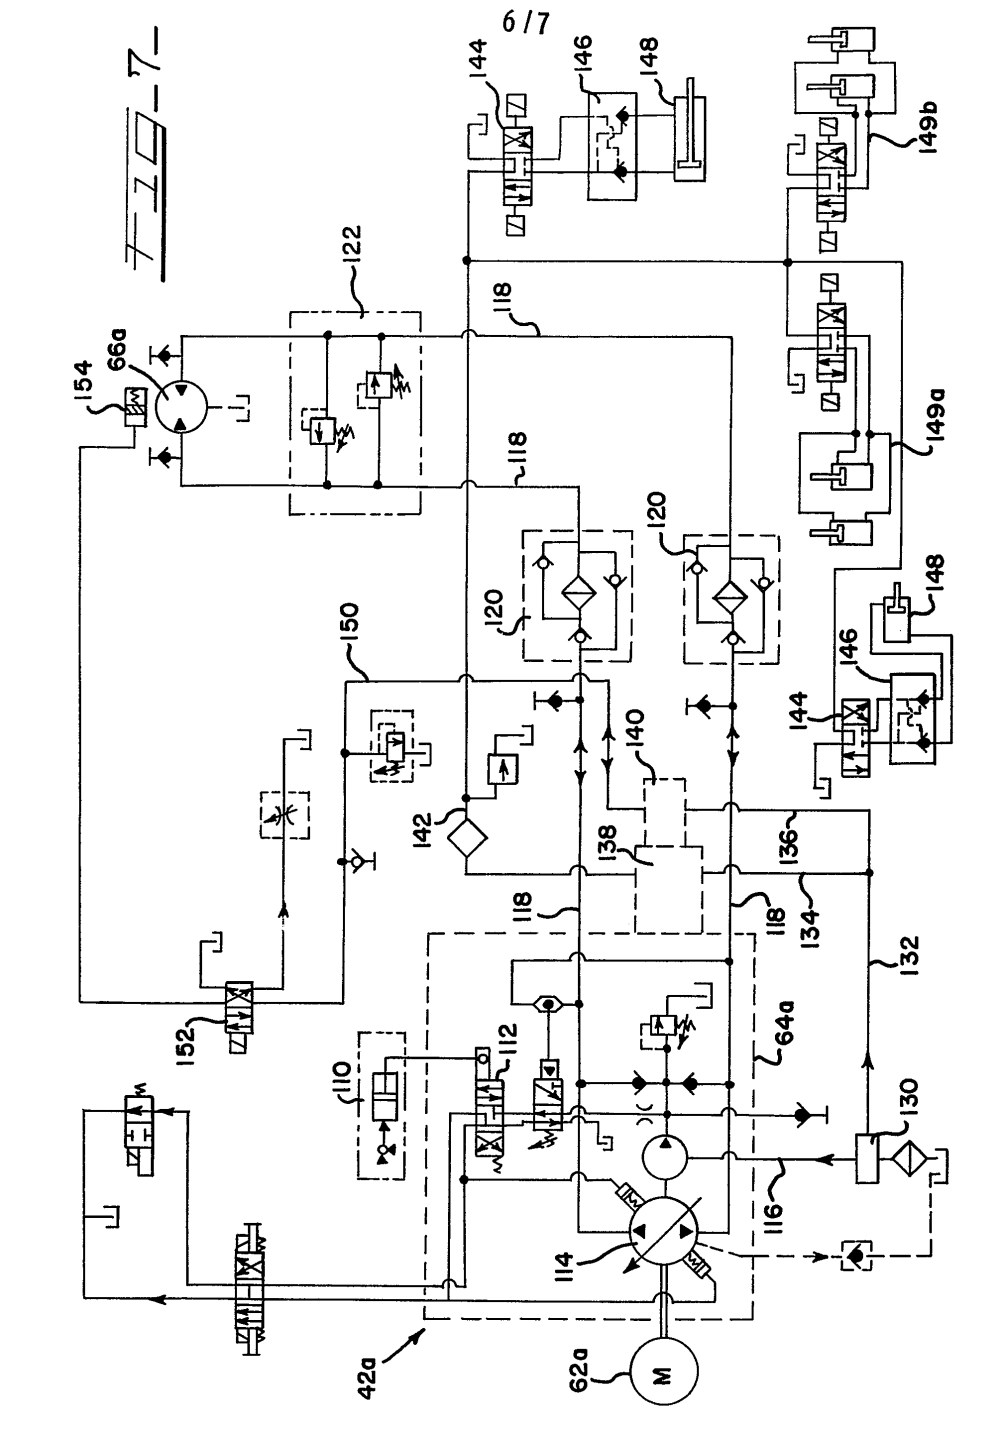 medium resolution of whirlpool refrigerator wiring schematic whirlpool refrigerator wiring diagr 13r